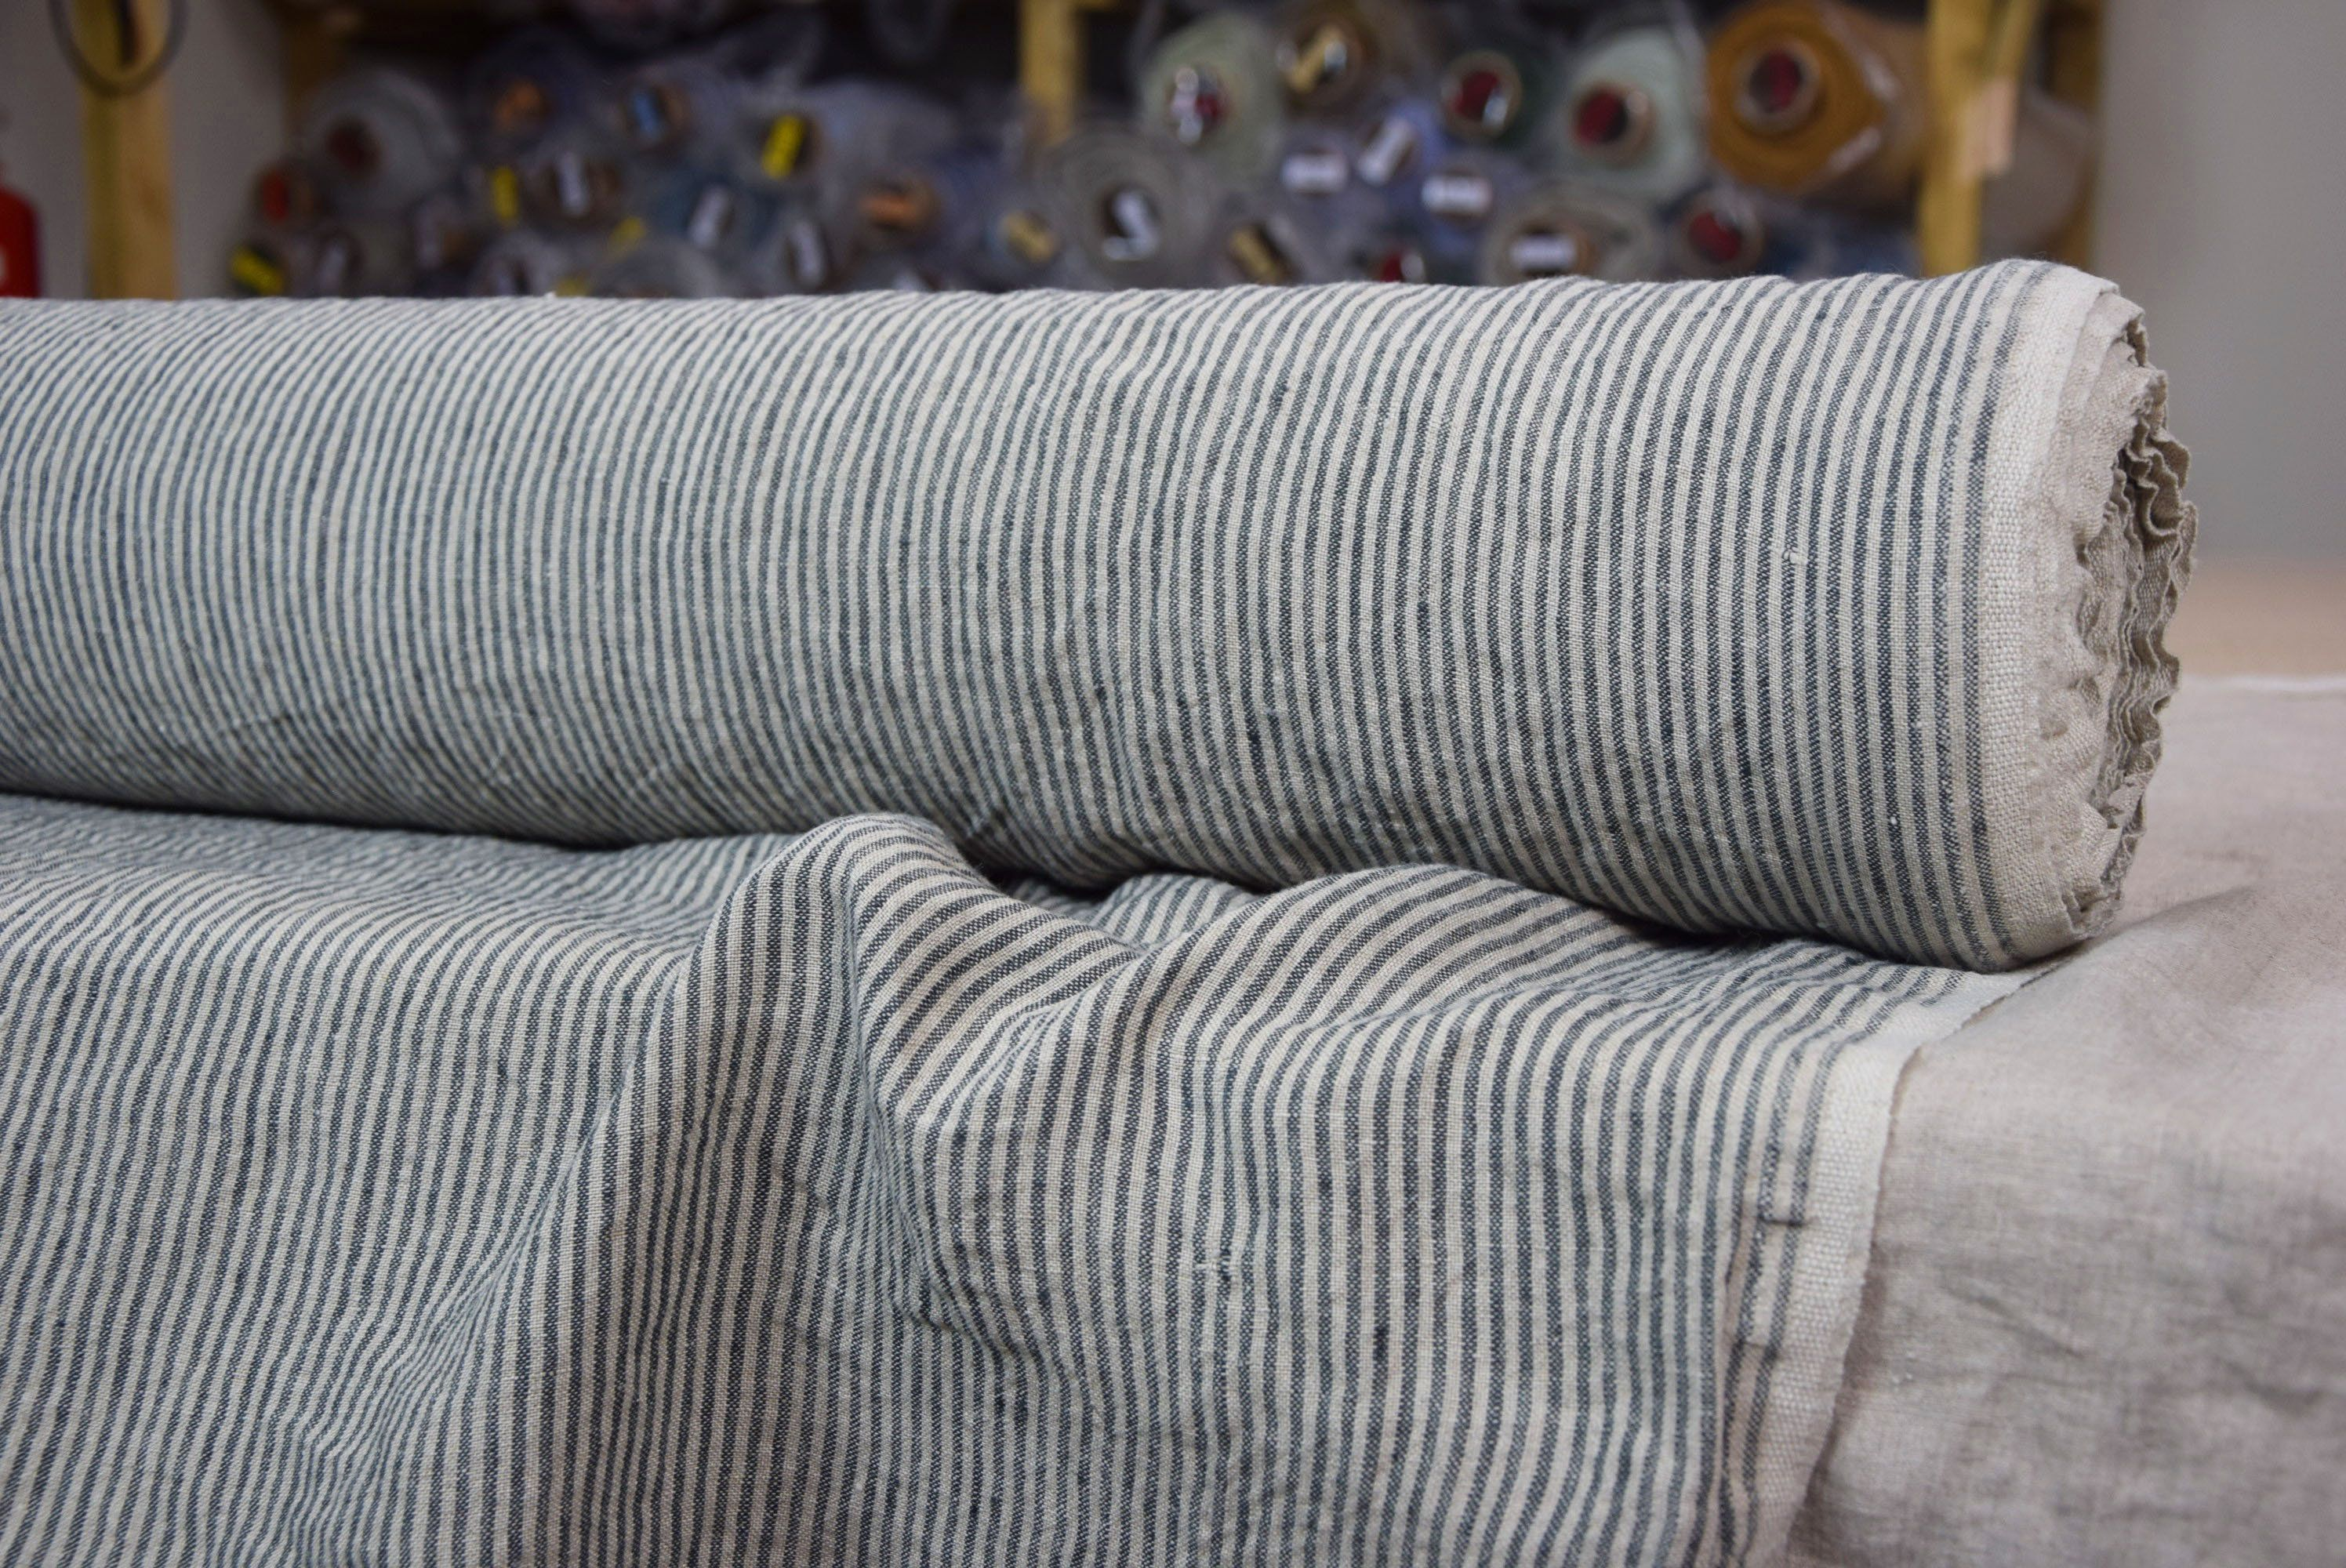 Fabric 100 Percent Linen Flax Natural Cloth Undyed Unbleached Etsy Natural Linen Fabric Linen Natural Linen